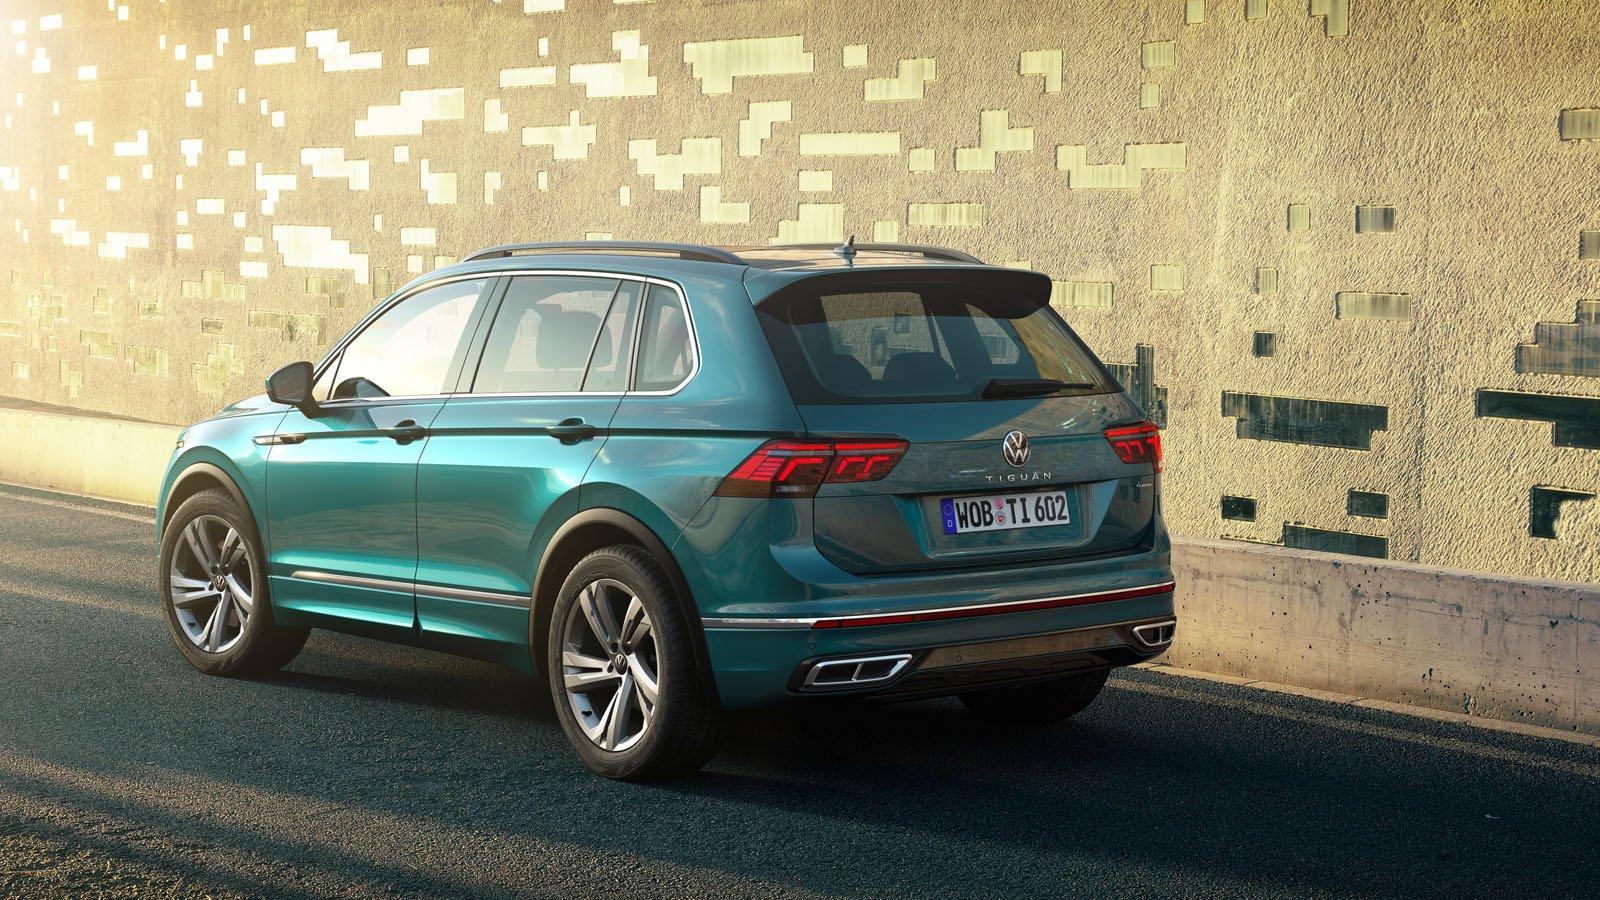 2021 Volkswagen Tiguan rear